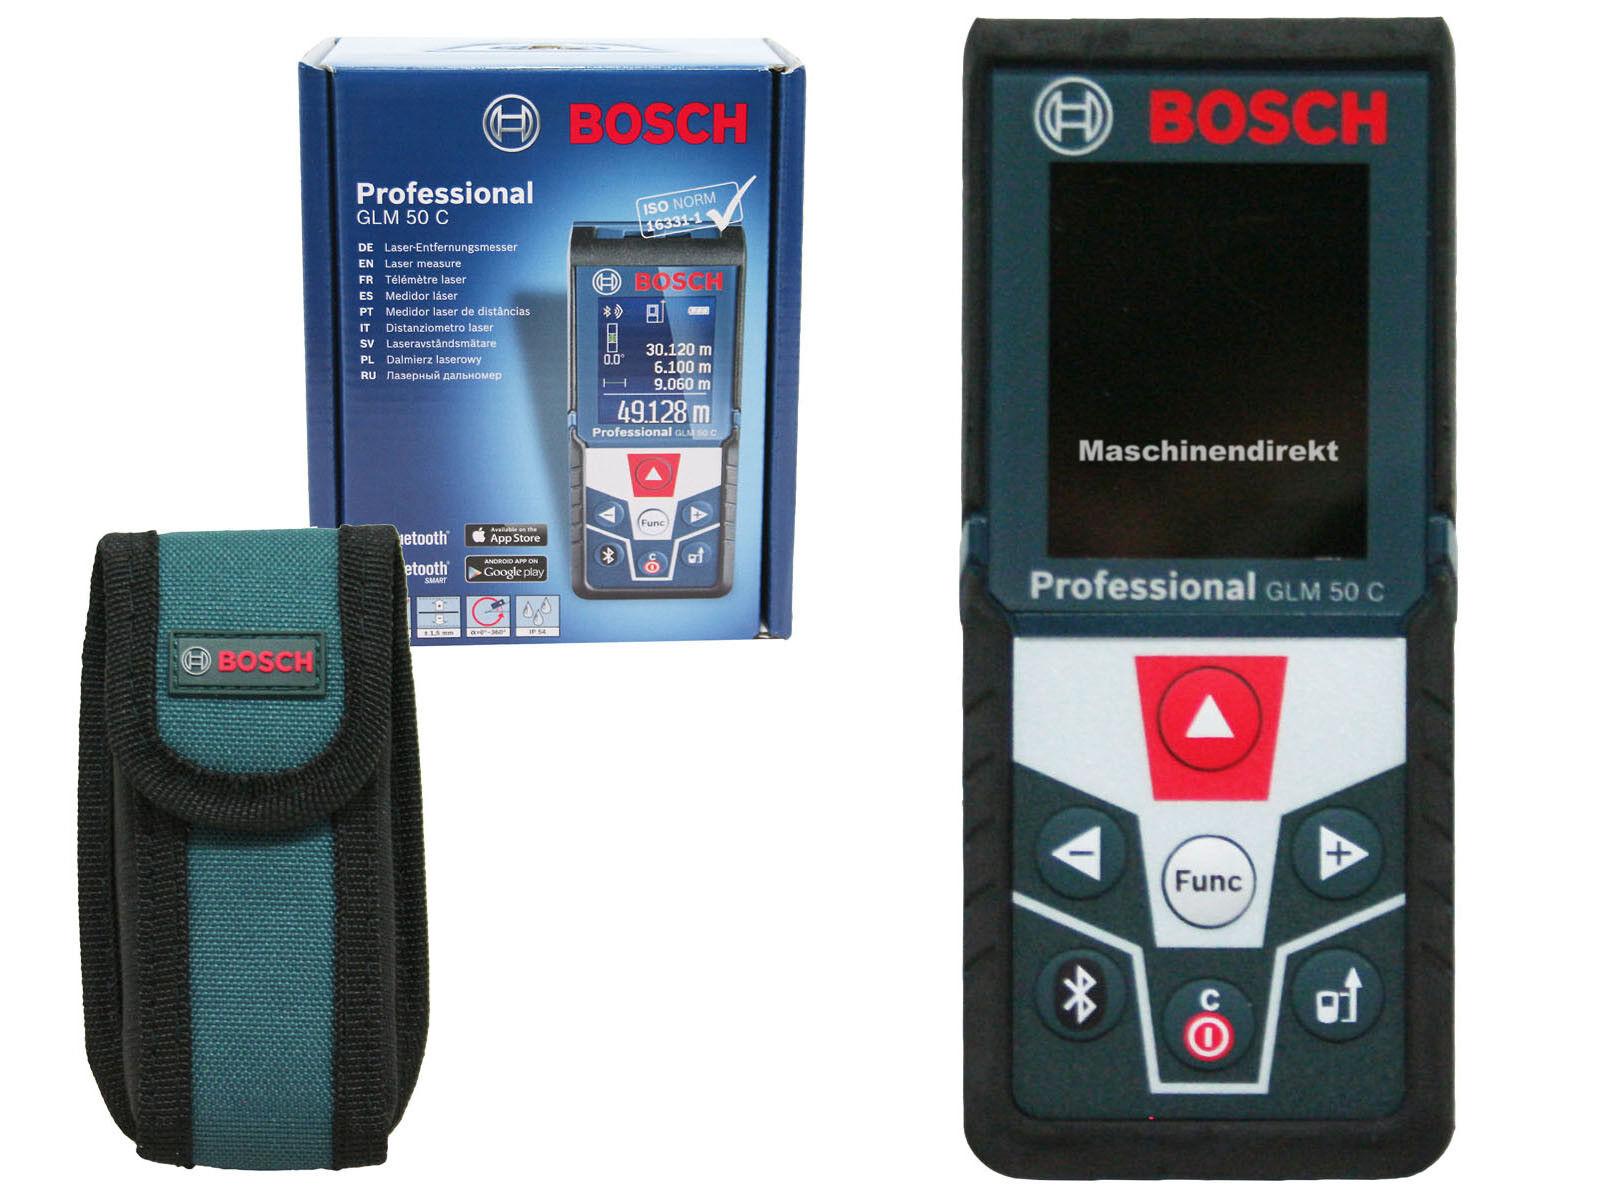 Laser Entfernungsmesser Mit Usb Anschluss : Entfernungsmesser hersch: bosch digitaler laser